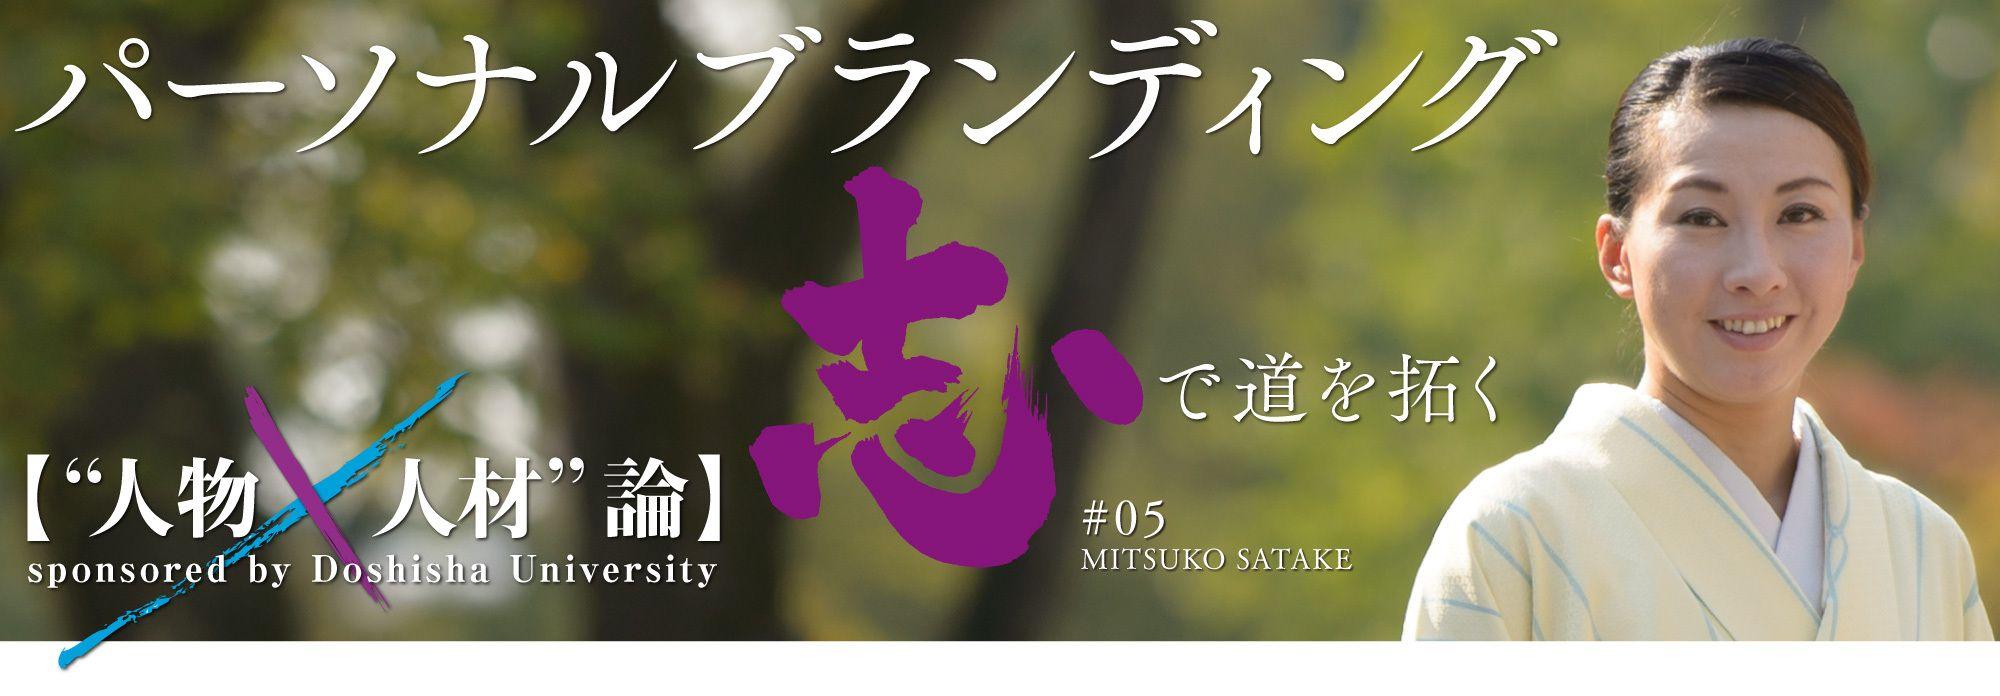 パーソナルブランディング sponsored by 同志社大学